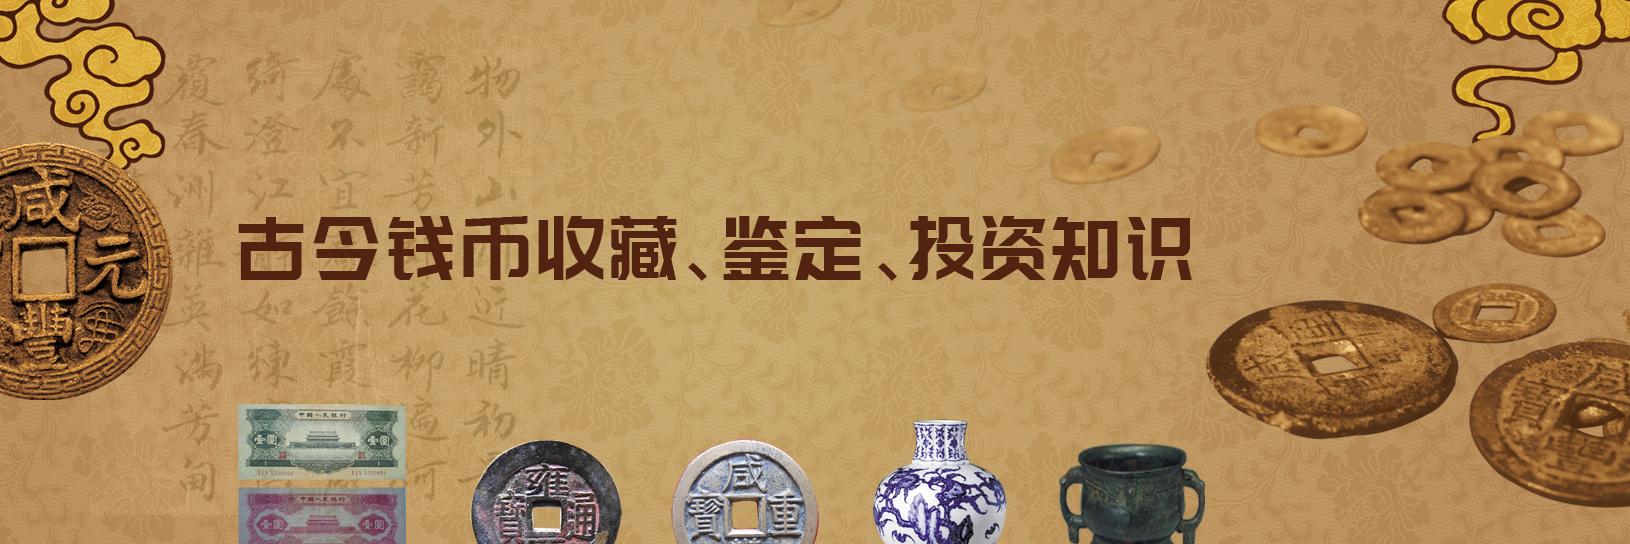 匯集古今錢幣收藏、鑒定、投資知識及圖文資料